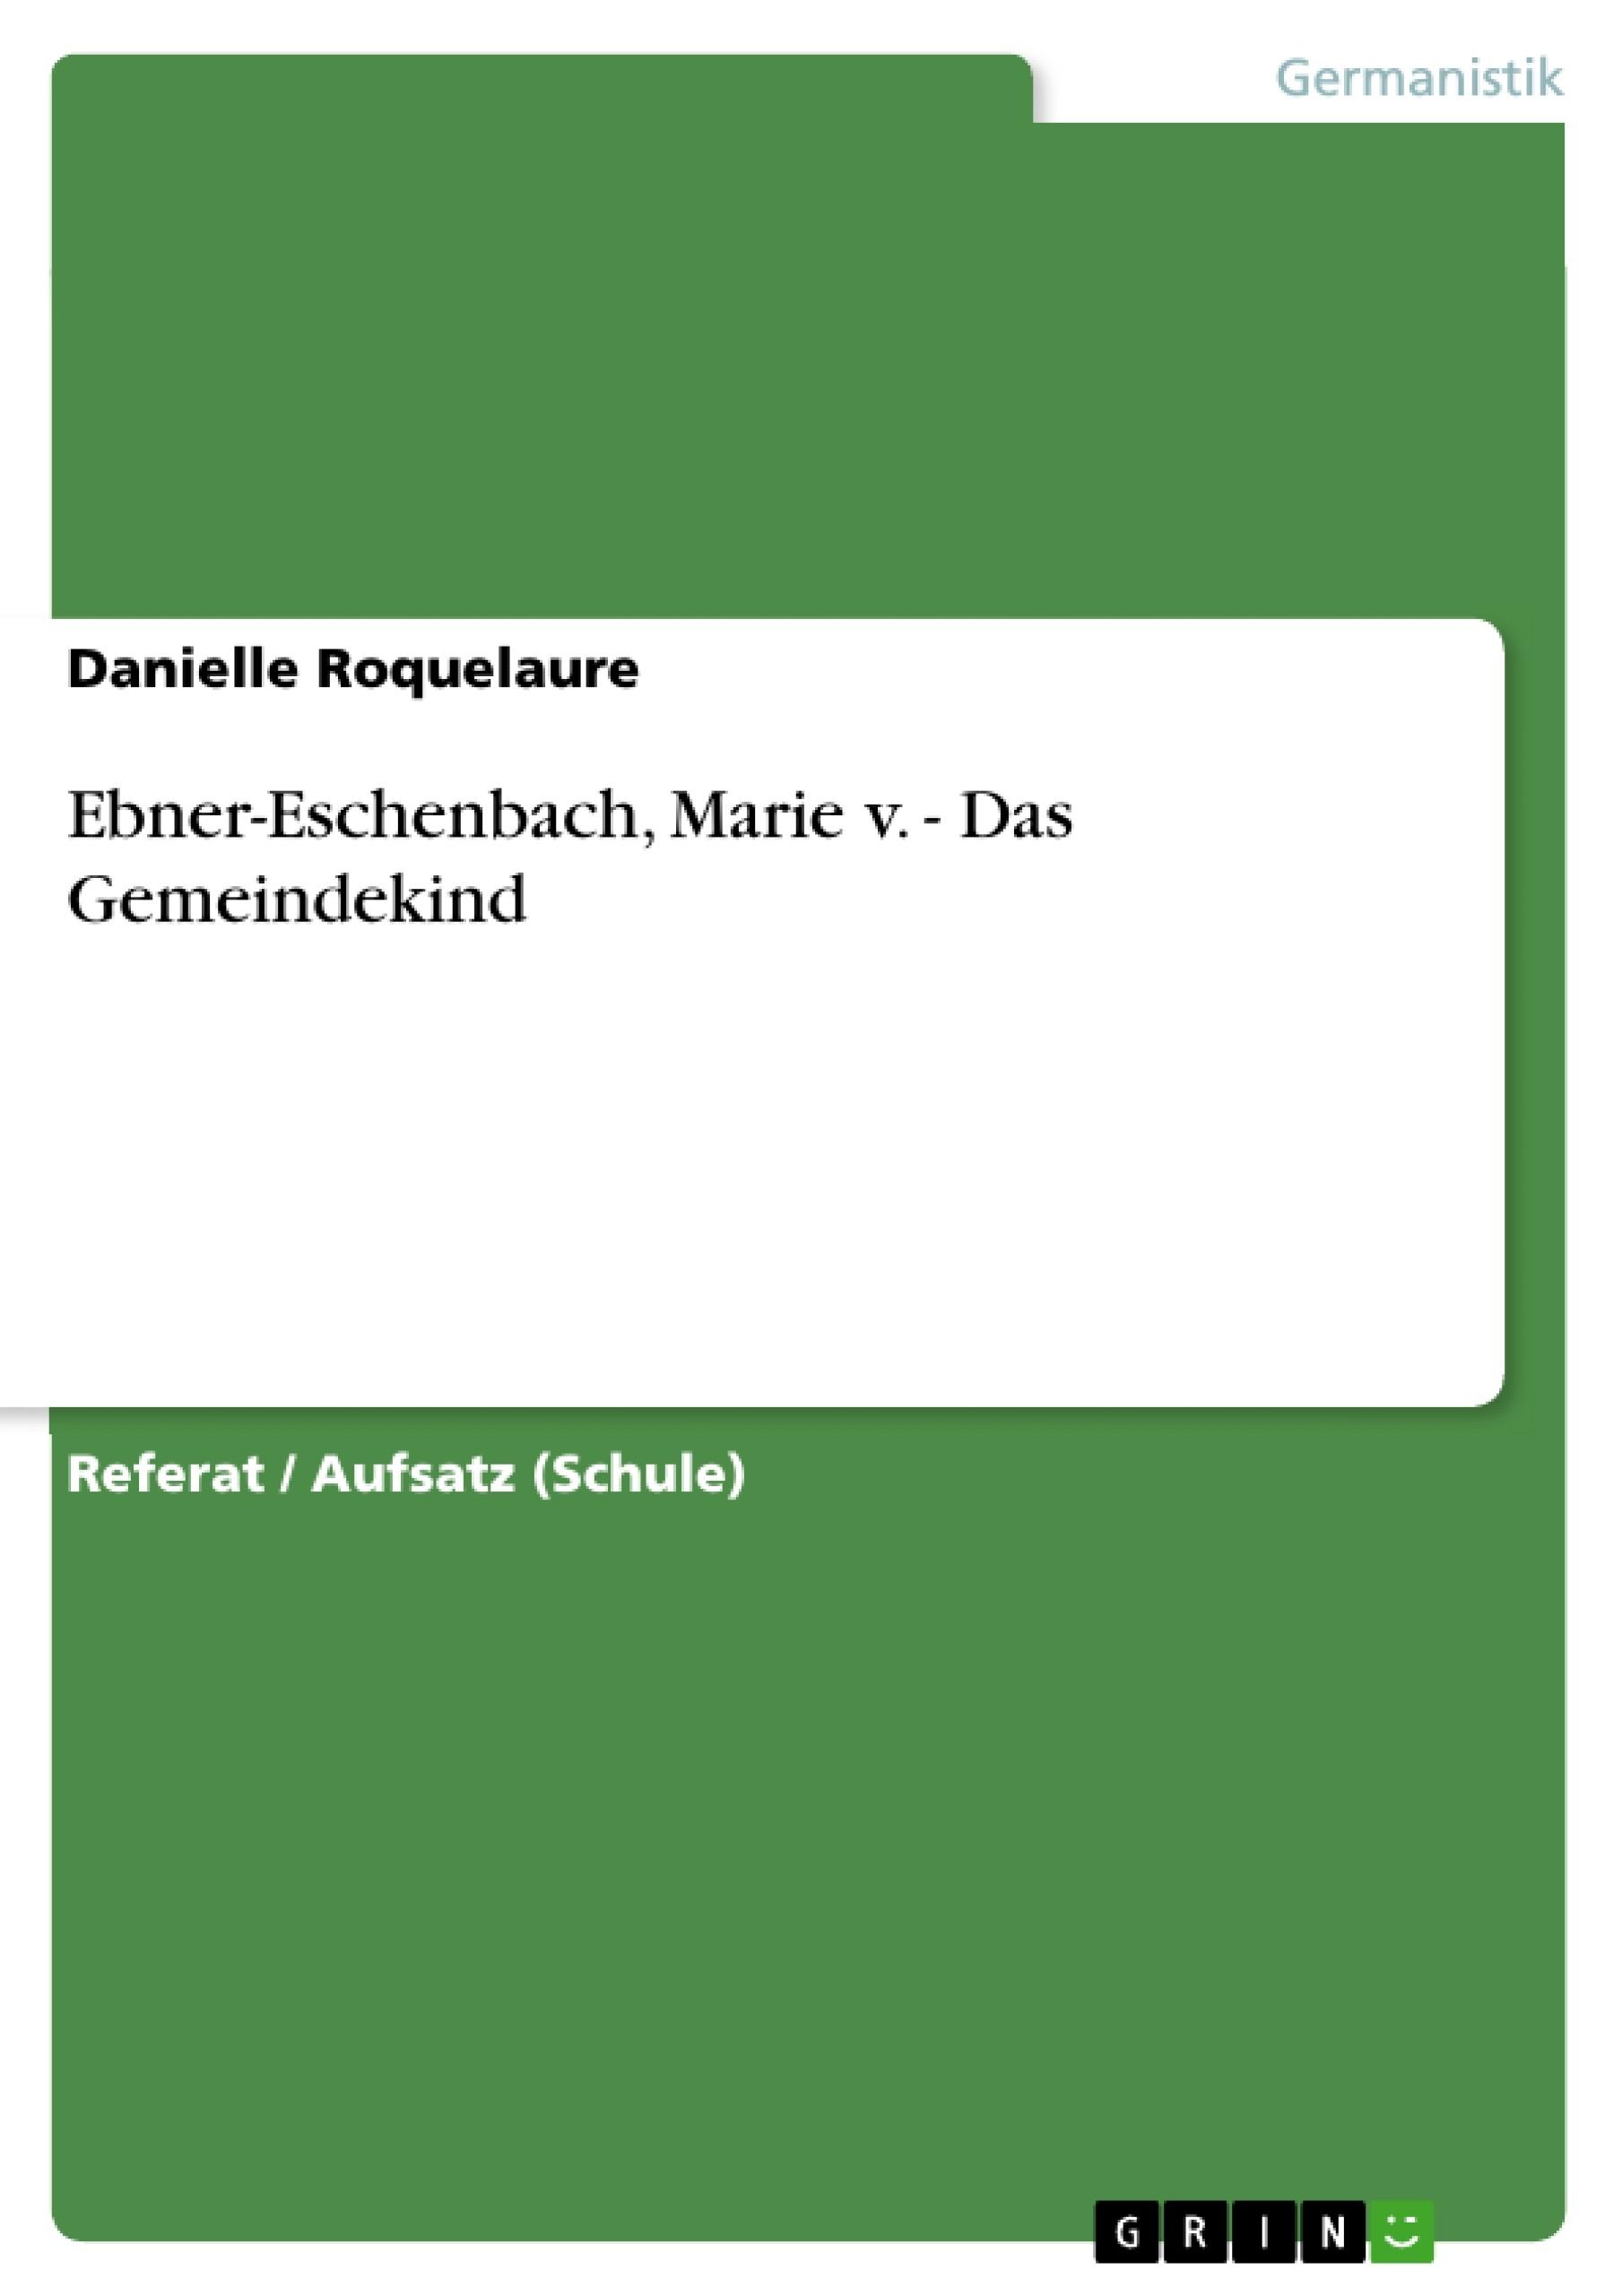 Titel: Ebner-Eschenbach, Marie v. - Das Gemeindekind